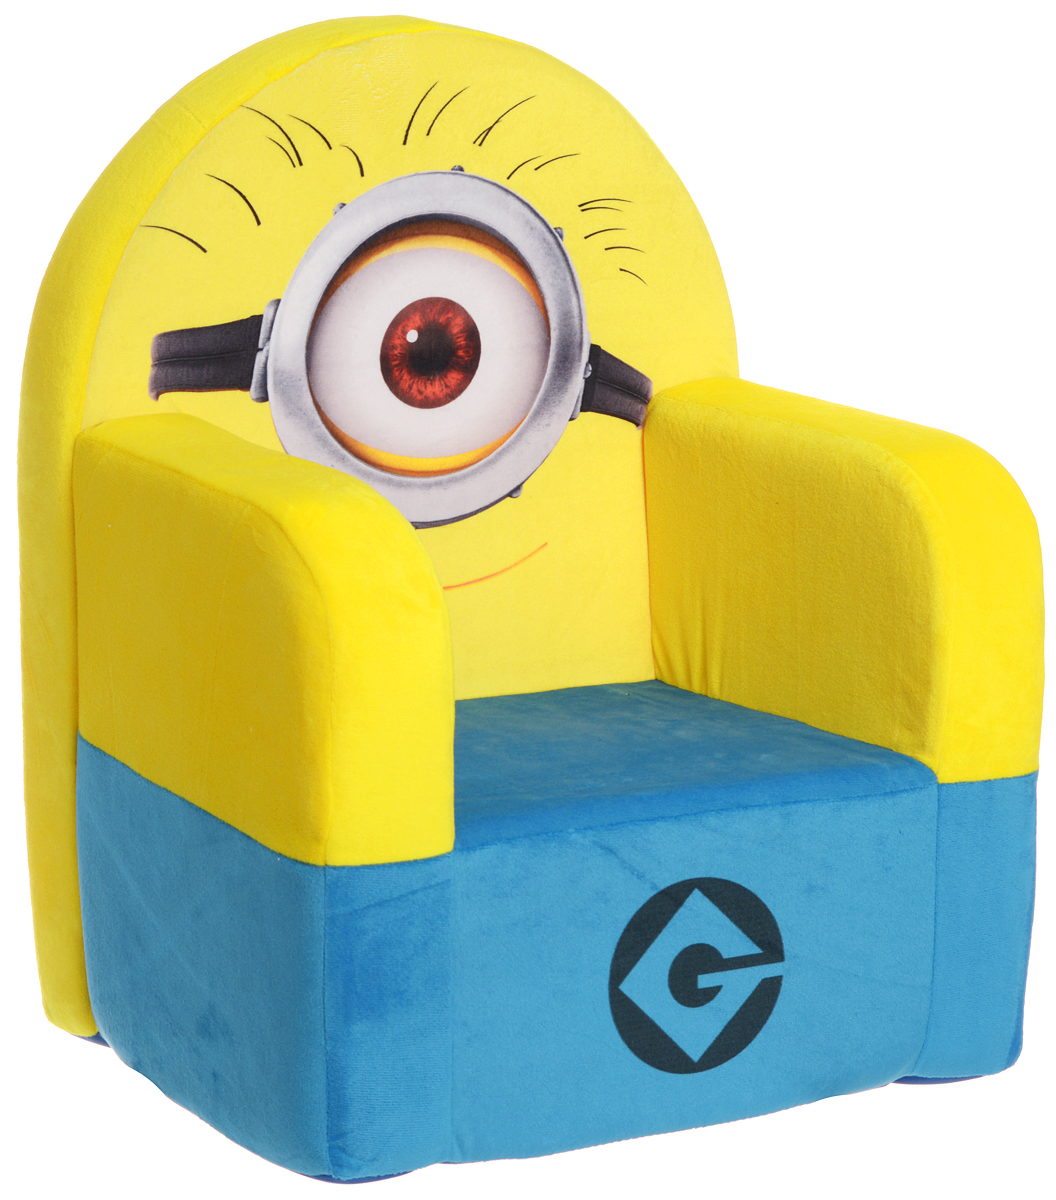 СмолТойс Мягкая игрушка Кресло Гадкий Я 53 смFS-91909Мягкая игрушка СмолТойс Кресло Гадкий Я - это забавная игрушка, на которой можно посидеть и поиграть!Кресло с гипоаллергенным наполнителем невероятно комфортное и стильное. Оно идеально впишется в интерьер детской комнаты. Устойчивость кресла обеспечивается широкой площадью соприкосновения с полом. Мягкое кресло не имеет жестких вставок, поэтому вы можете быть спокойны за безопасность вашего малыша. На кресле изображен главный персонаж мультфильма Гадкий Я.